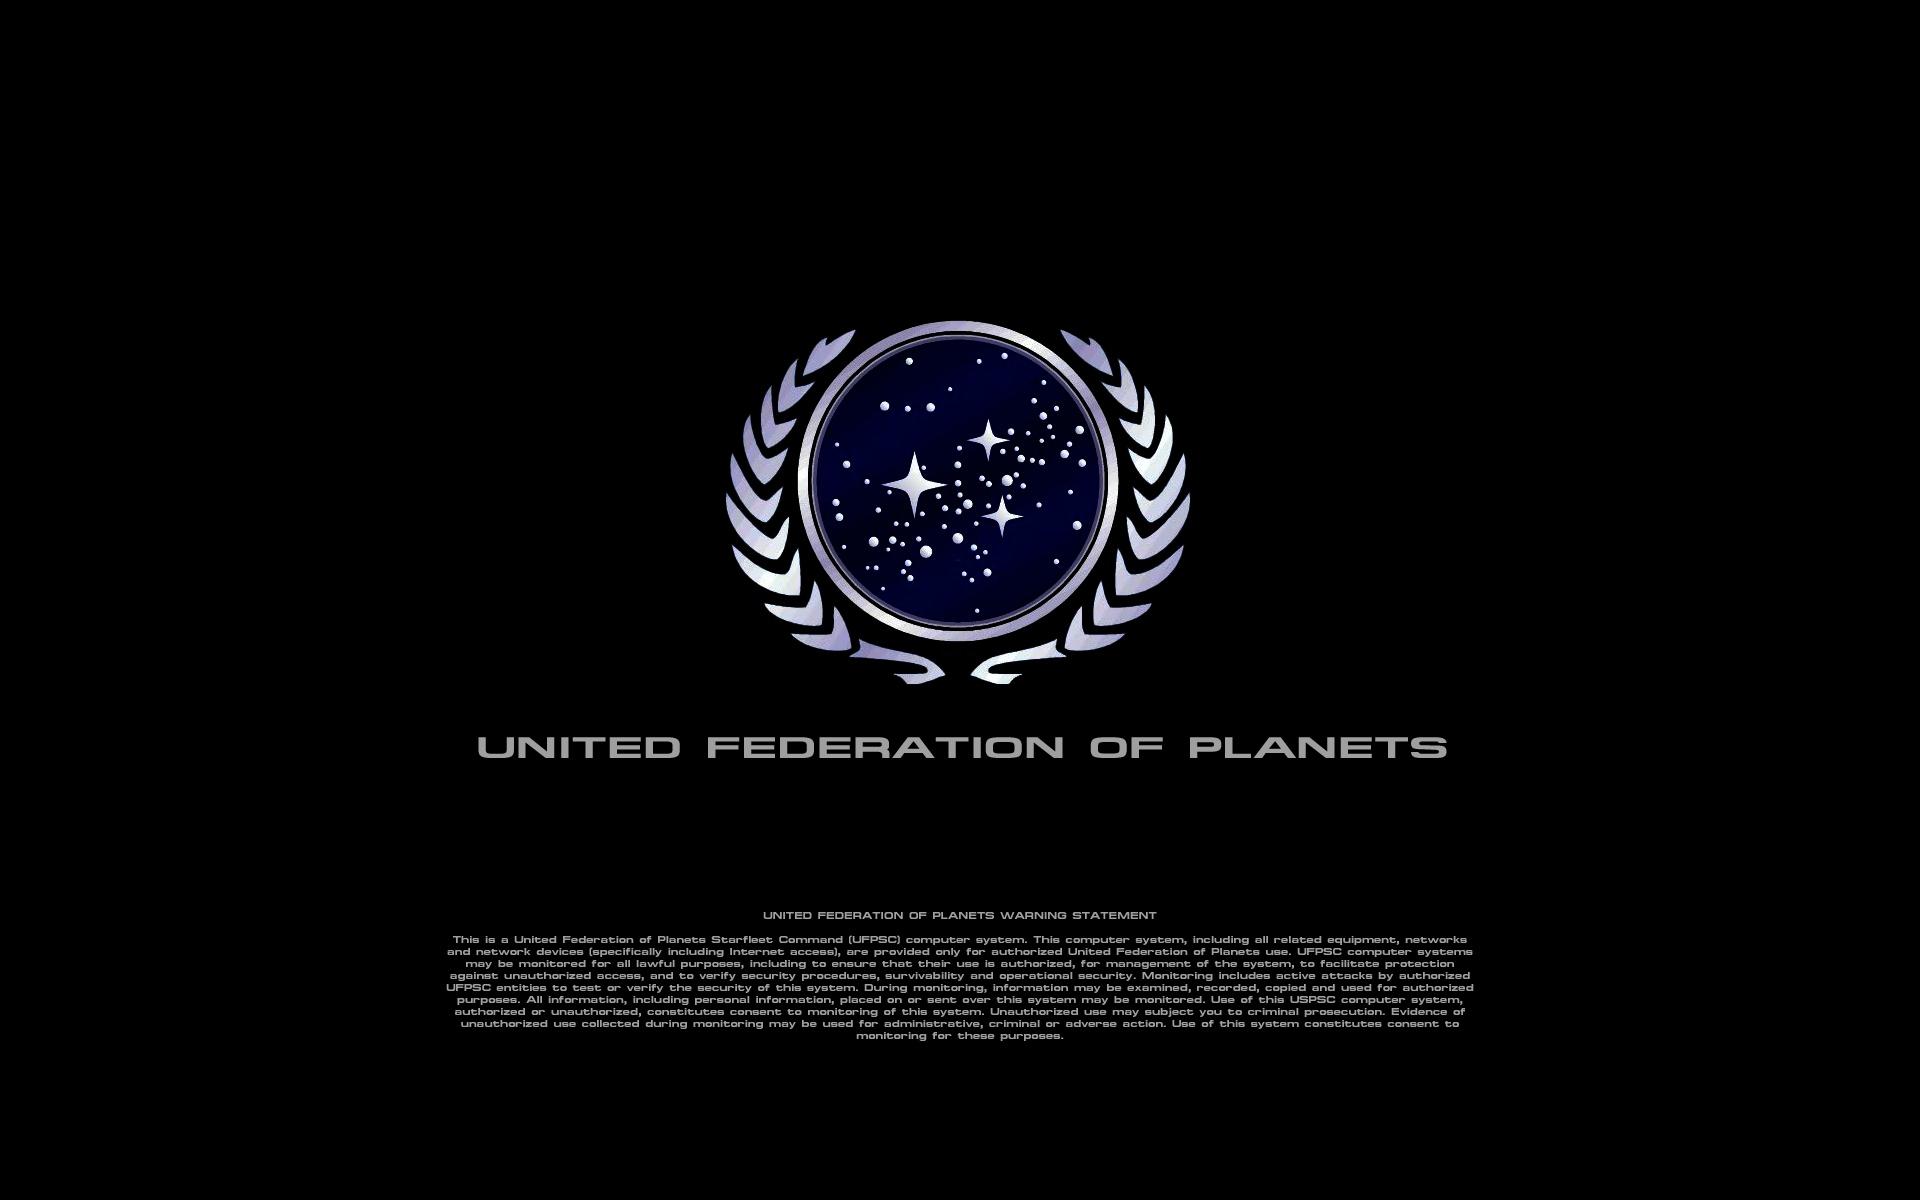 Starfleet Background 1920x1200 by jbolin